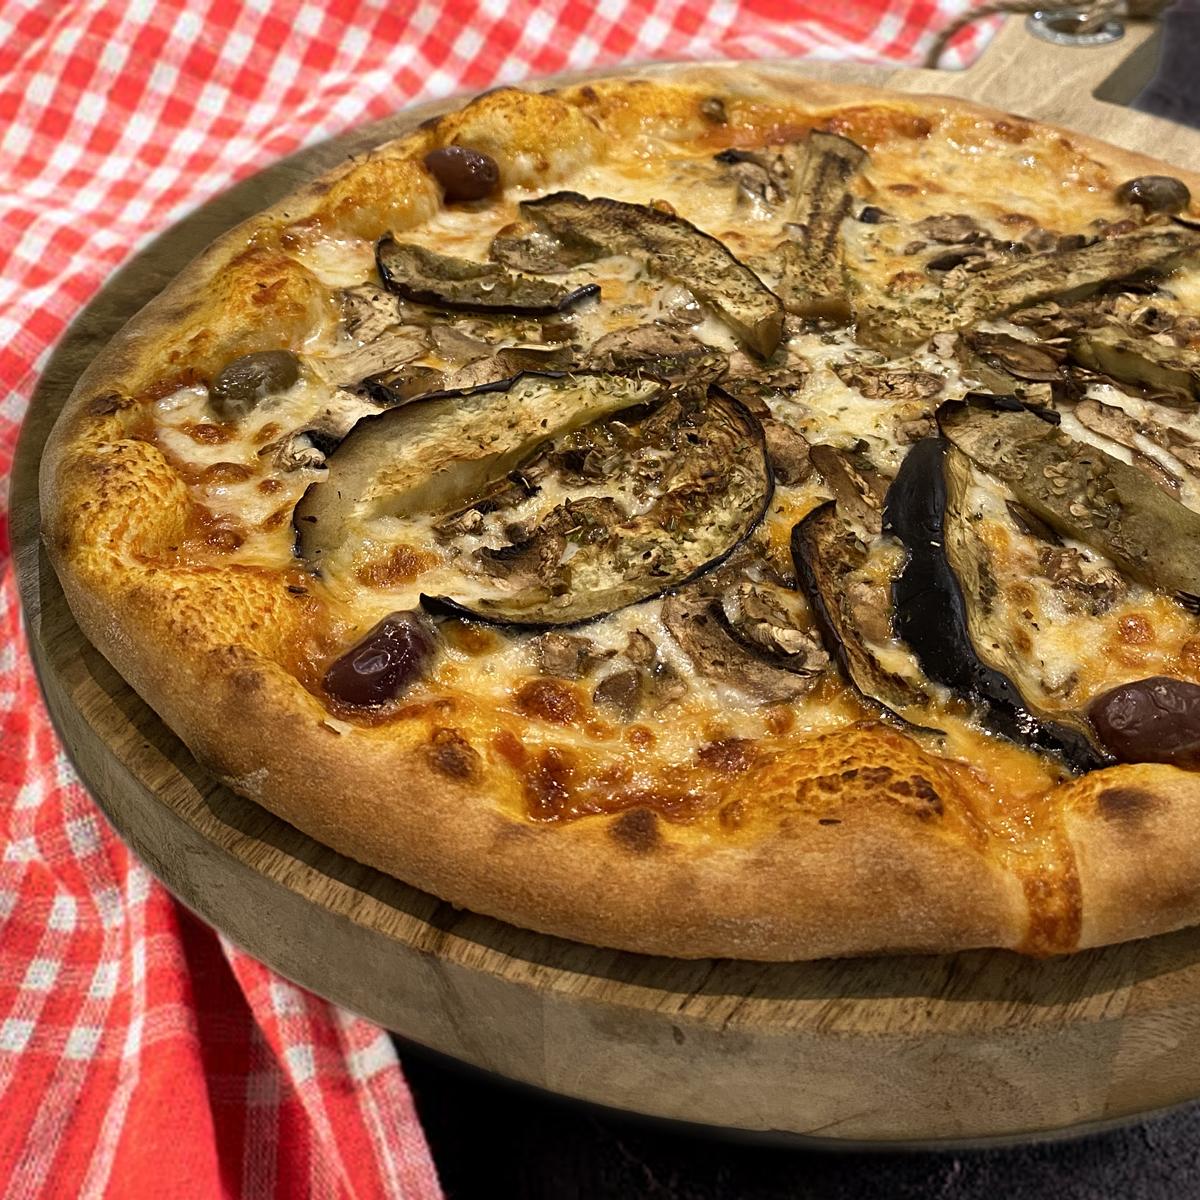 Pizza aubergine à Grasse